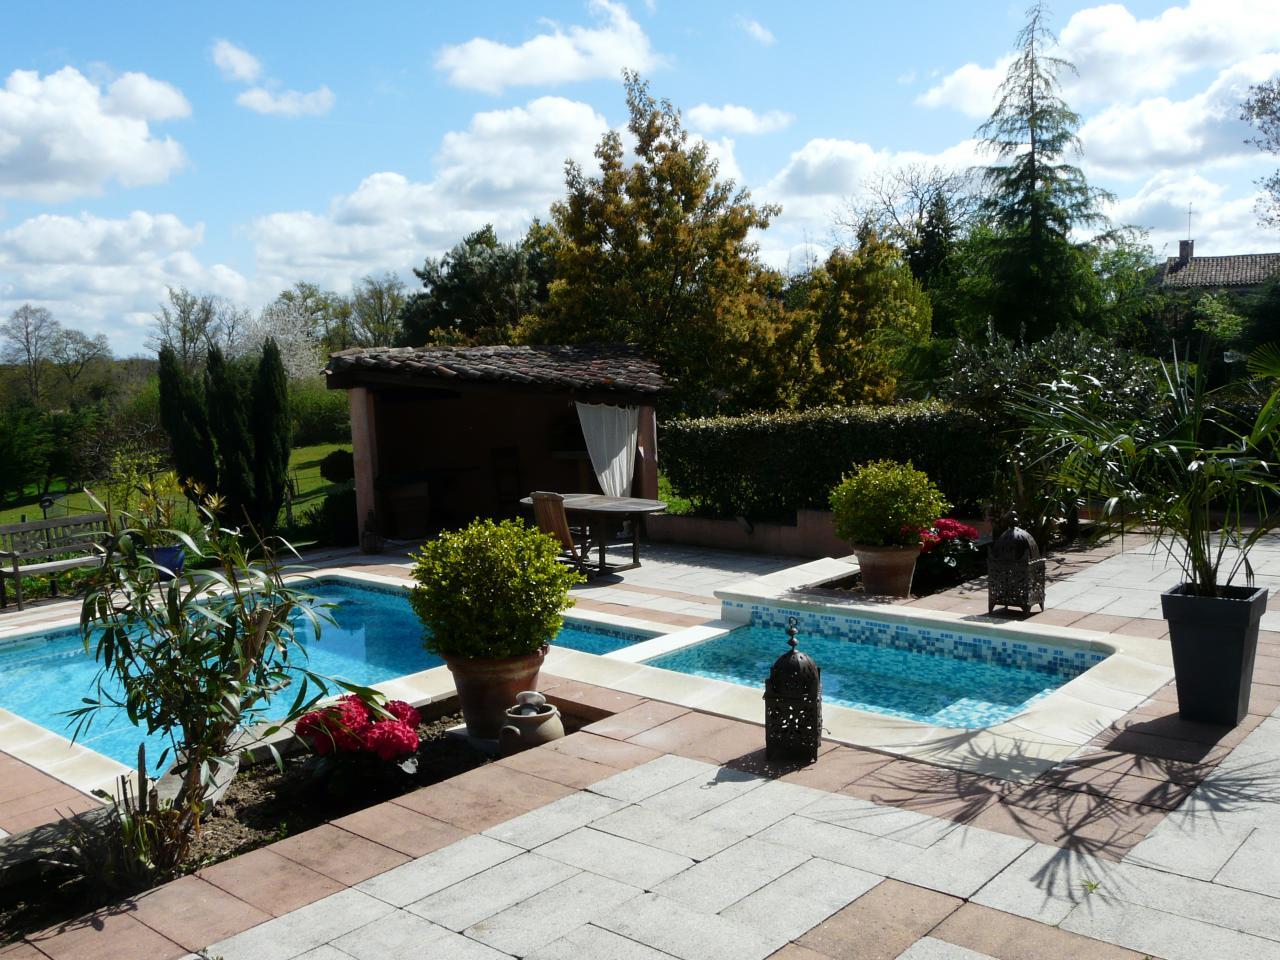 Ideas de decoraci n de jard n y terraza jard n y terrazas for Jardin 81 treinta y tres